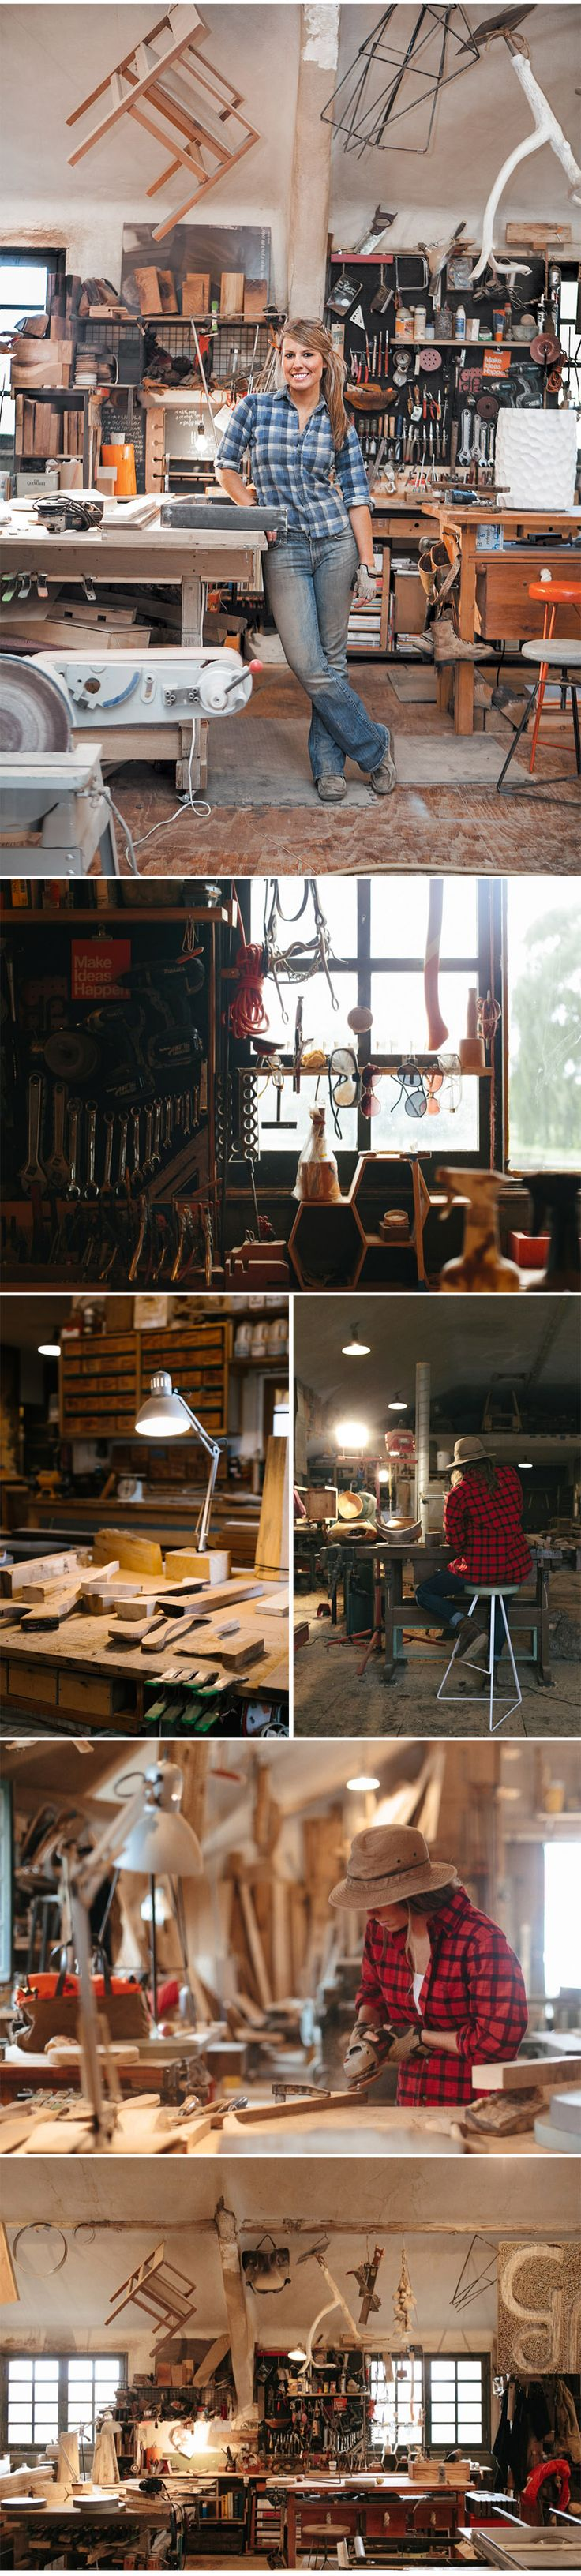 Workspace :: Greta de Parry    http://www.gretadeparry.com/